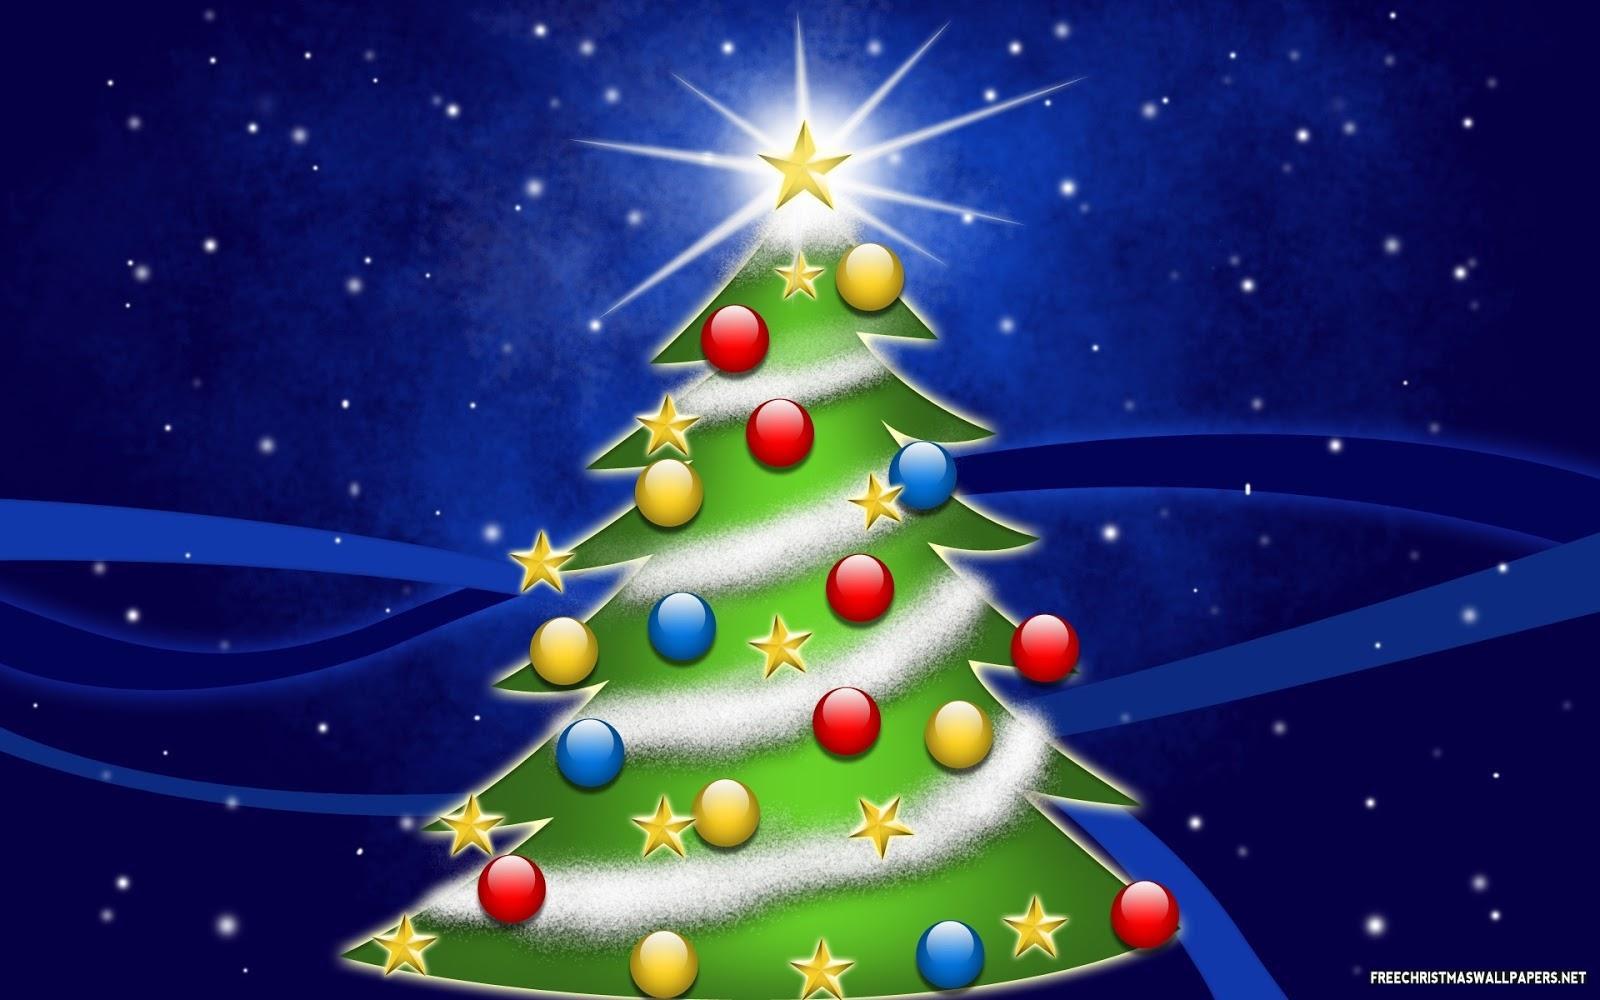 Arbolitos-de-navidad-imagenes-de